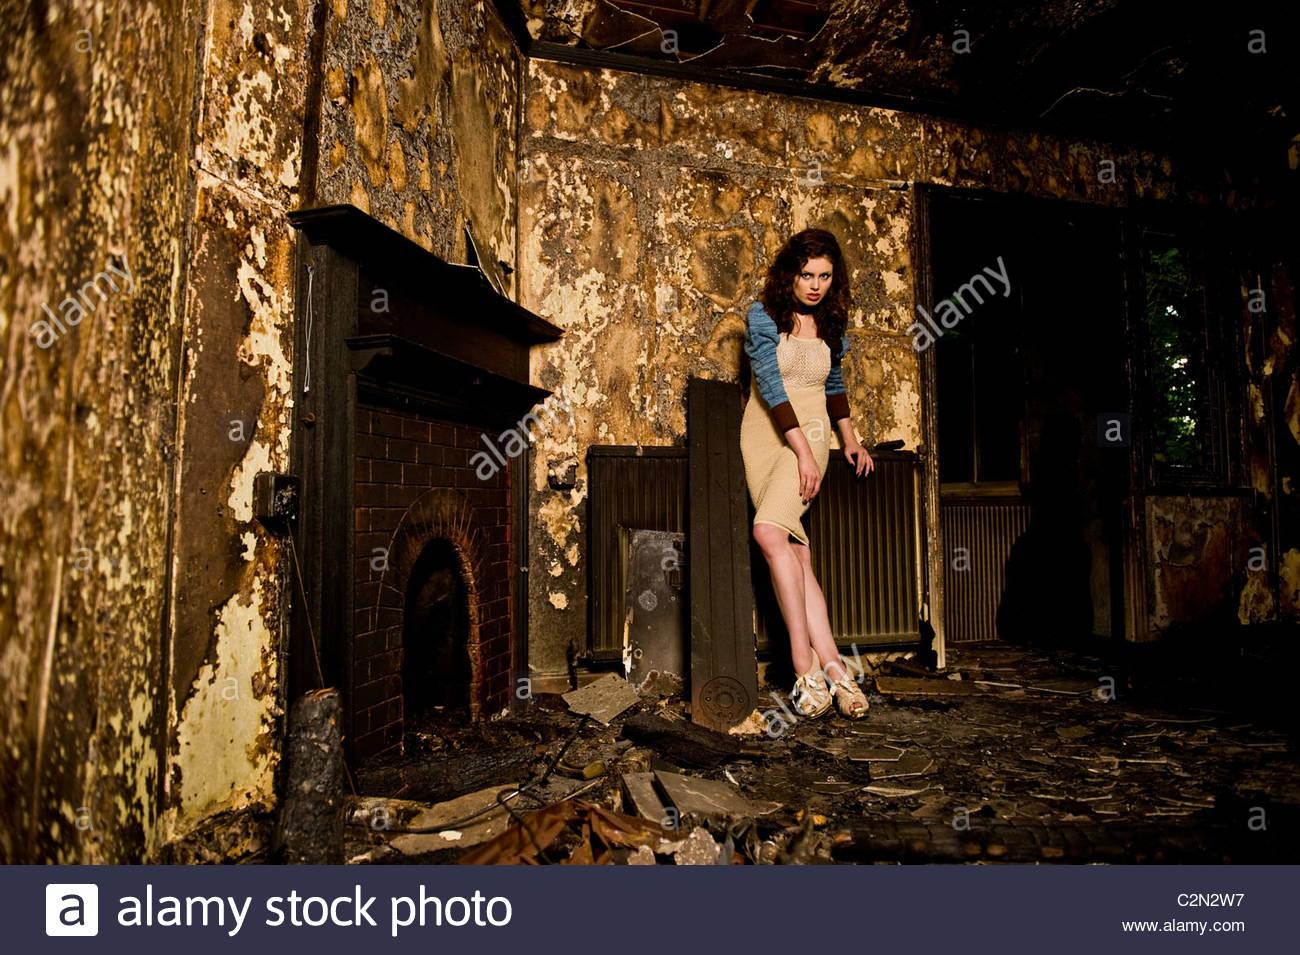 Young Fashion model dans un immeuble incendié Photo Stock